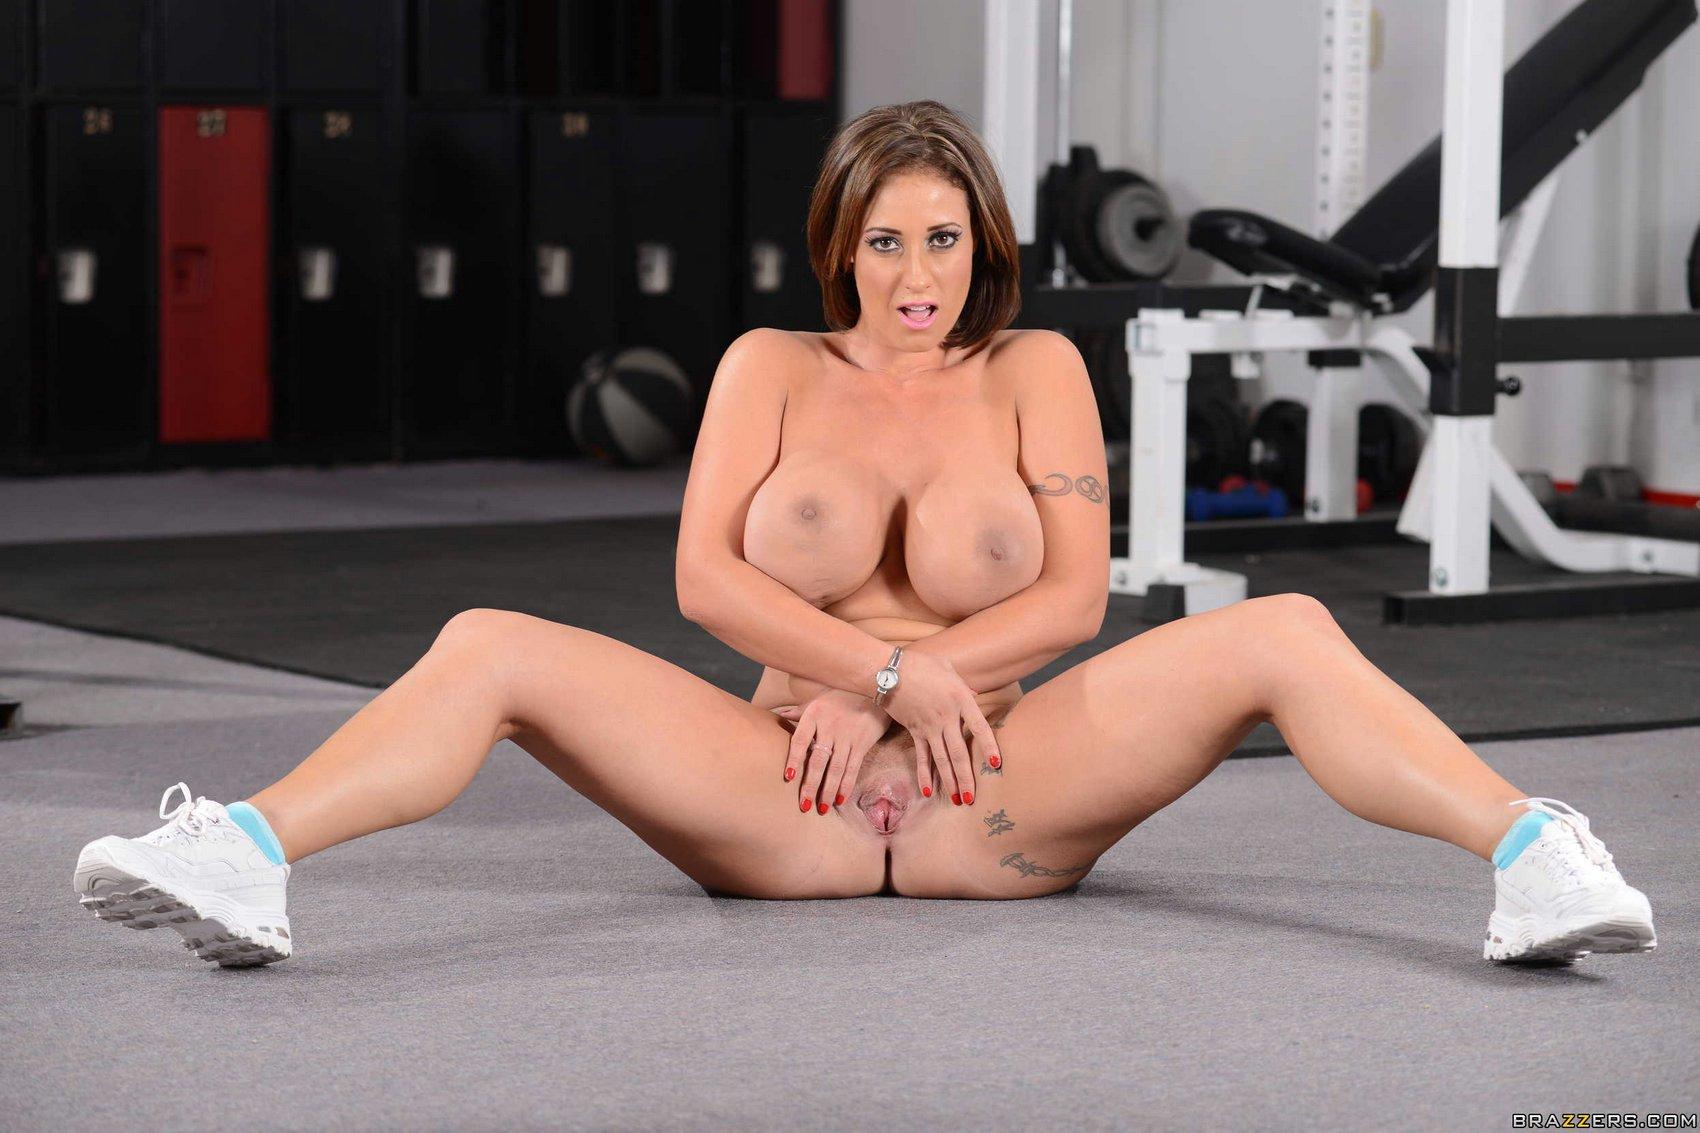 pics porn gym